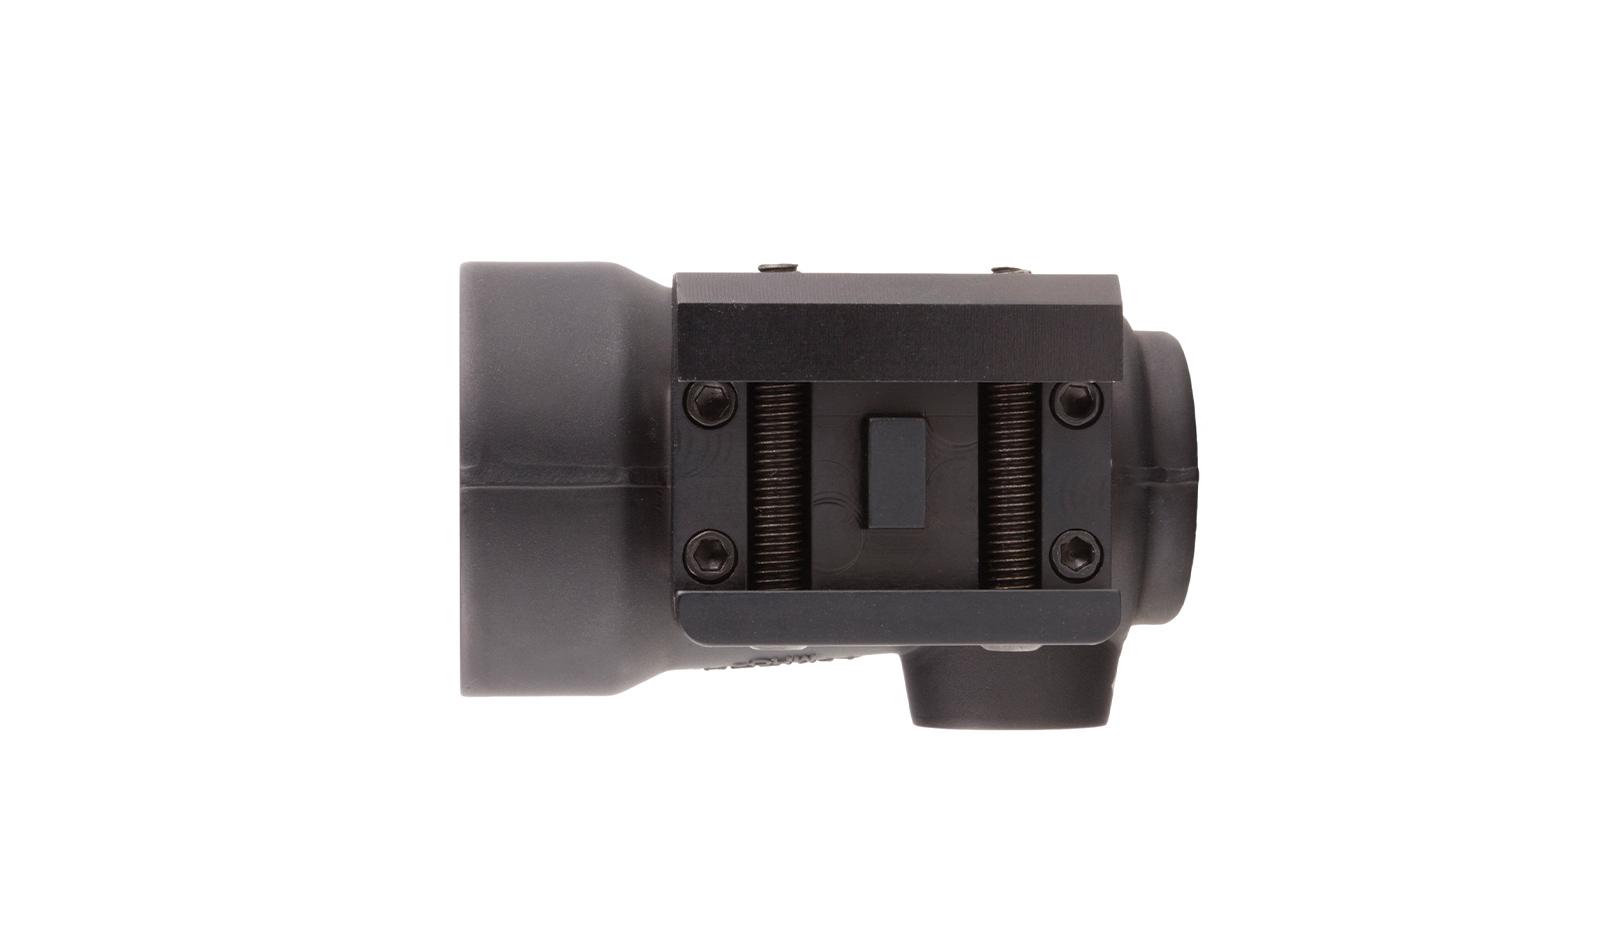 MRO-C-2200004 angle 10